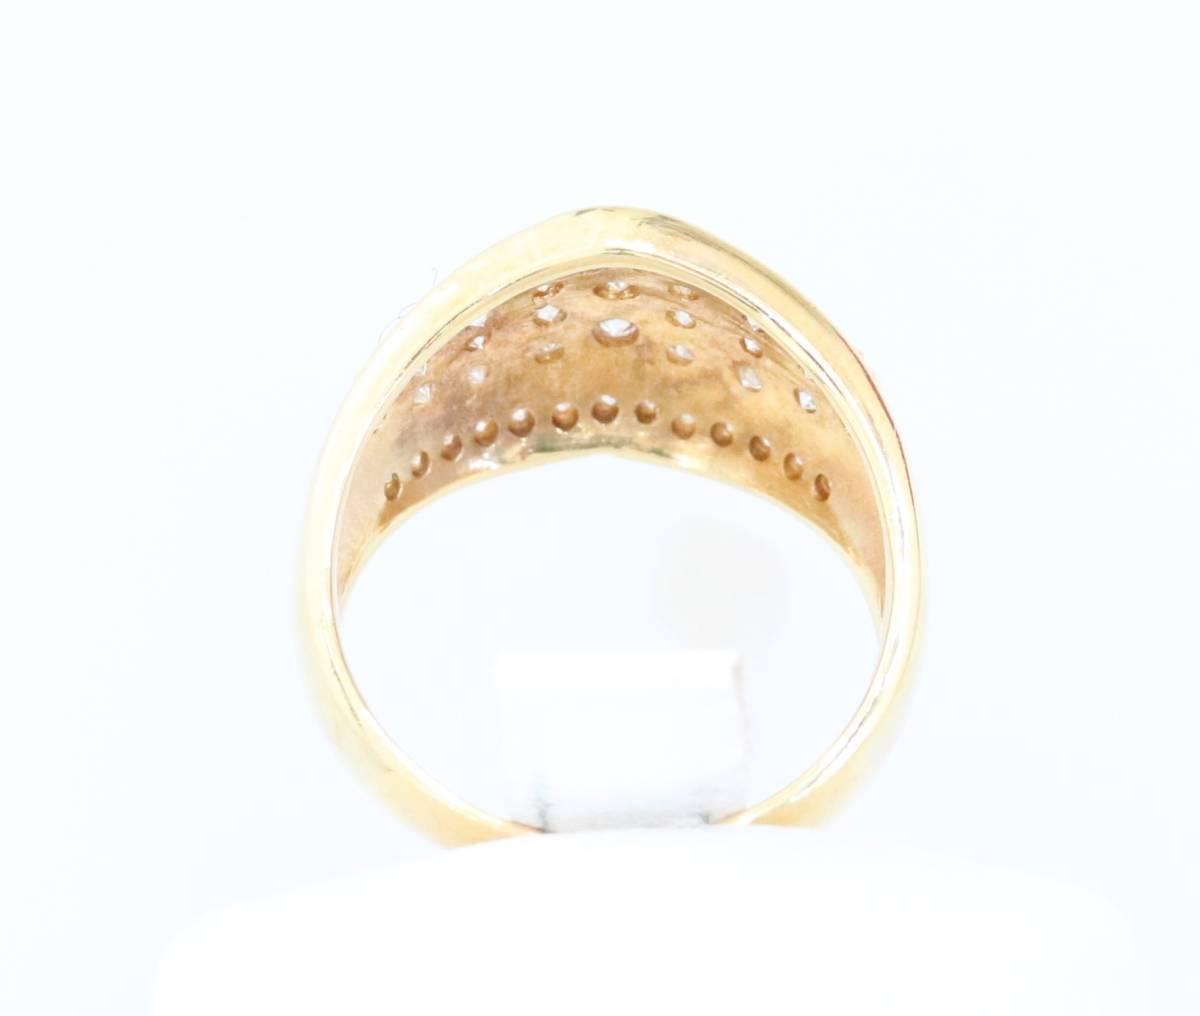 【1円スタート】 ♪★豪華な輝き★天然ダイヤモンド1.03ct K18リング♪ Jewel de Coco_画像5